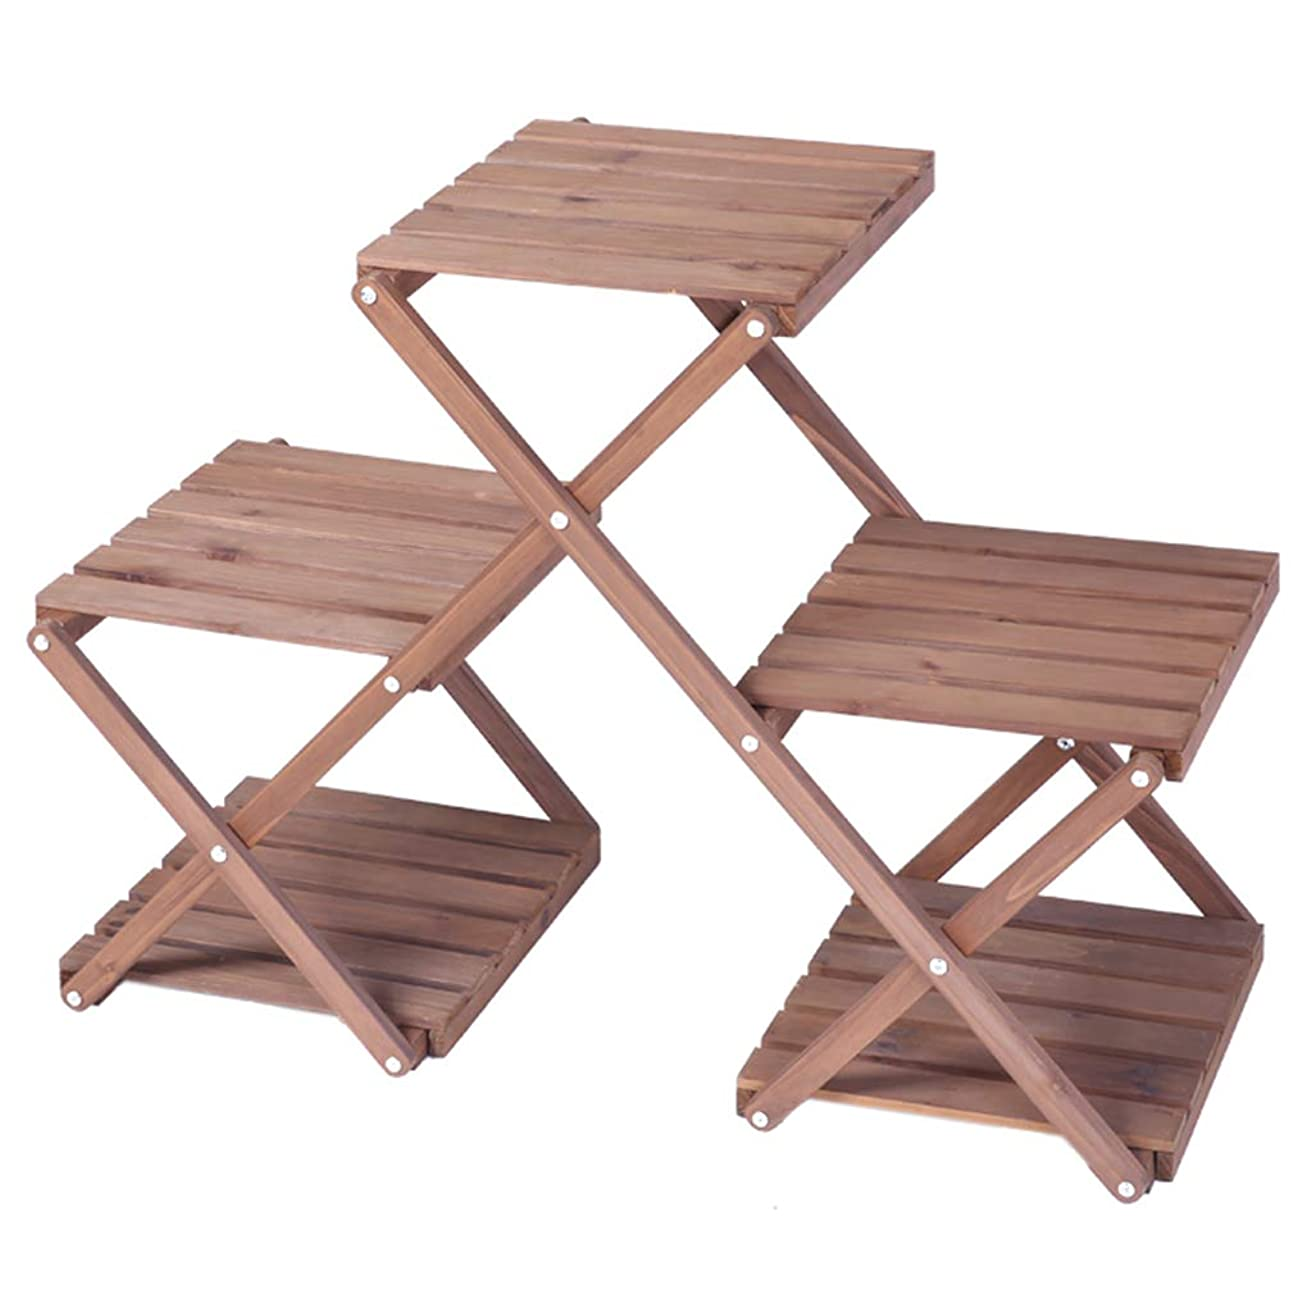 アコードエゴマニア効果的フラワー棚はしご木製植物ディスプレイスタンド収納ラック収納棚ポットスタンド用屋内リビングルームバルコニーの装飾